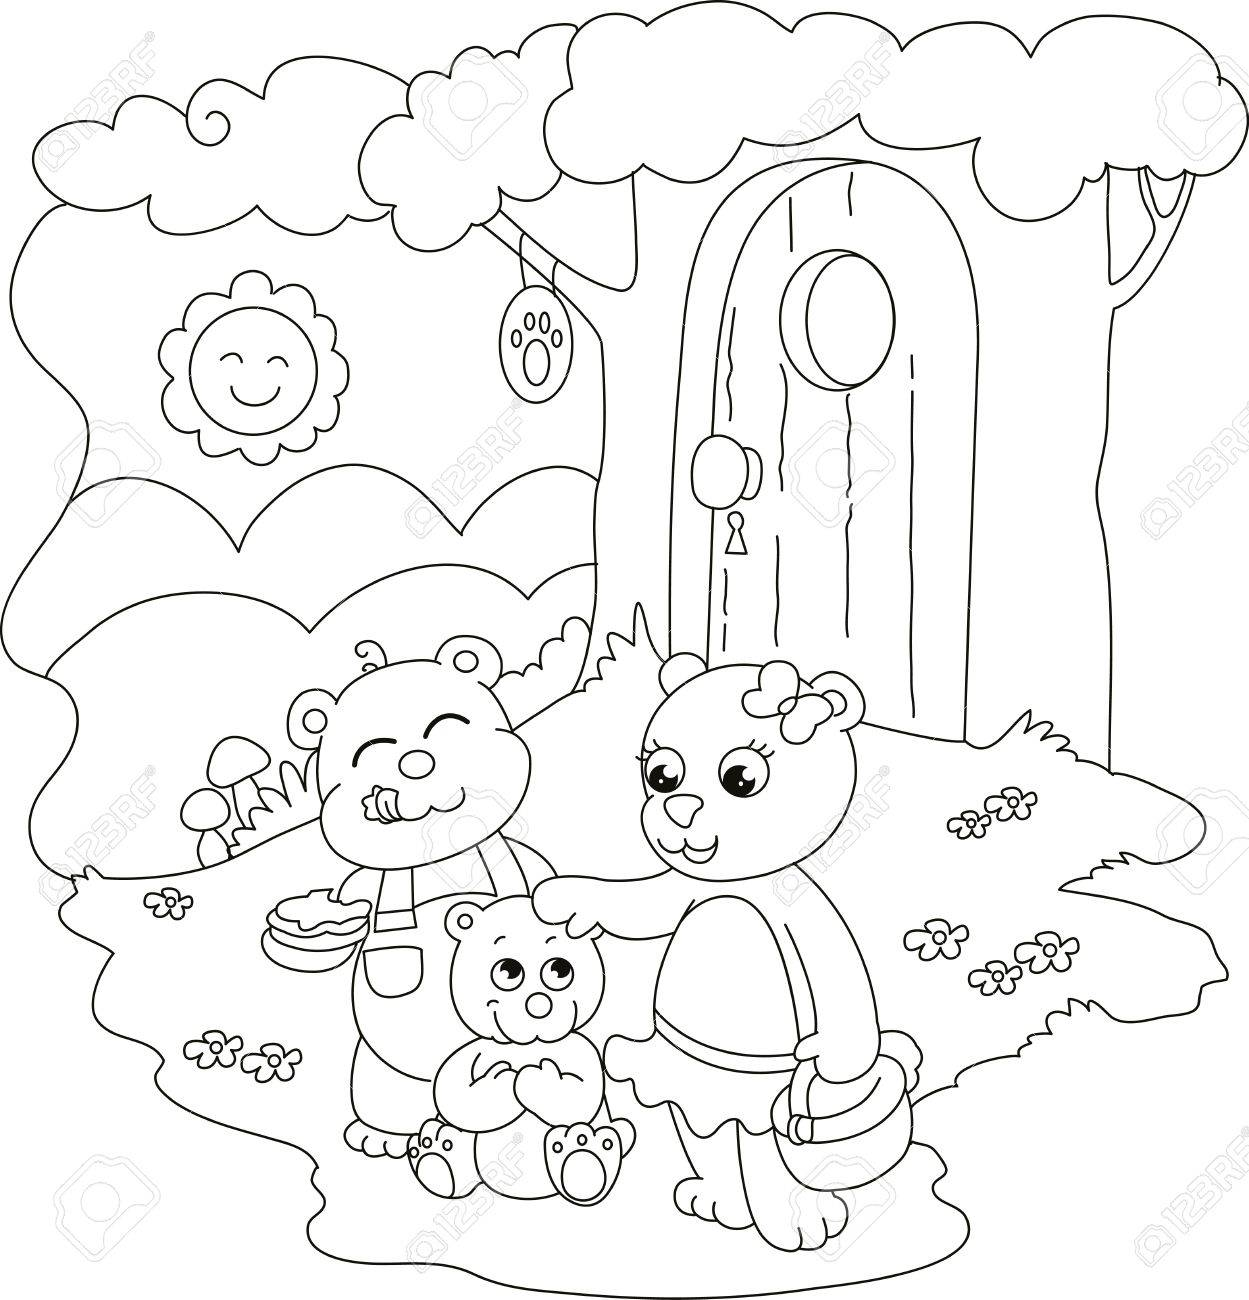 Coloriage De Boucle D Or Et Les 3 Ours Imprimer Et Obtenir Une